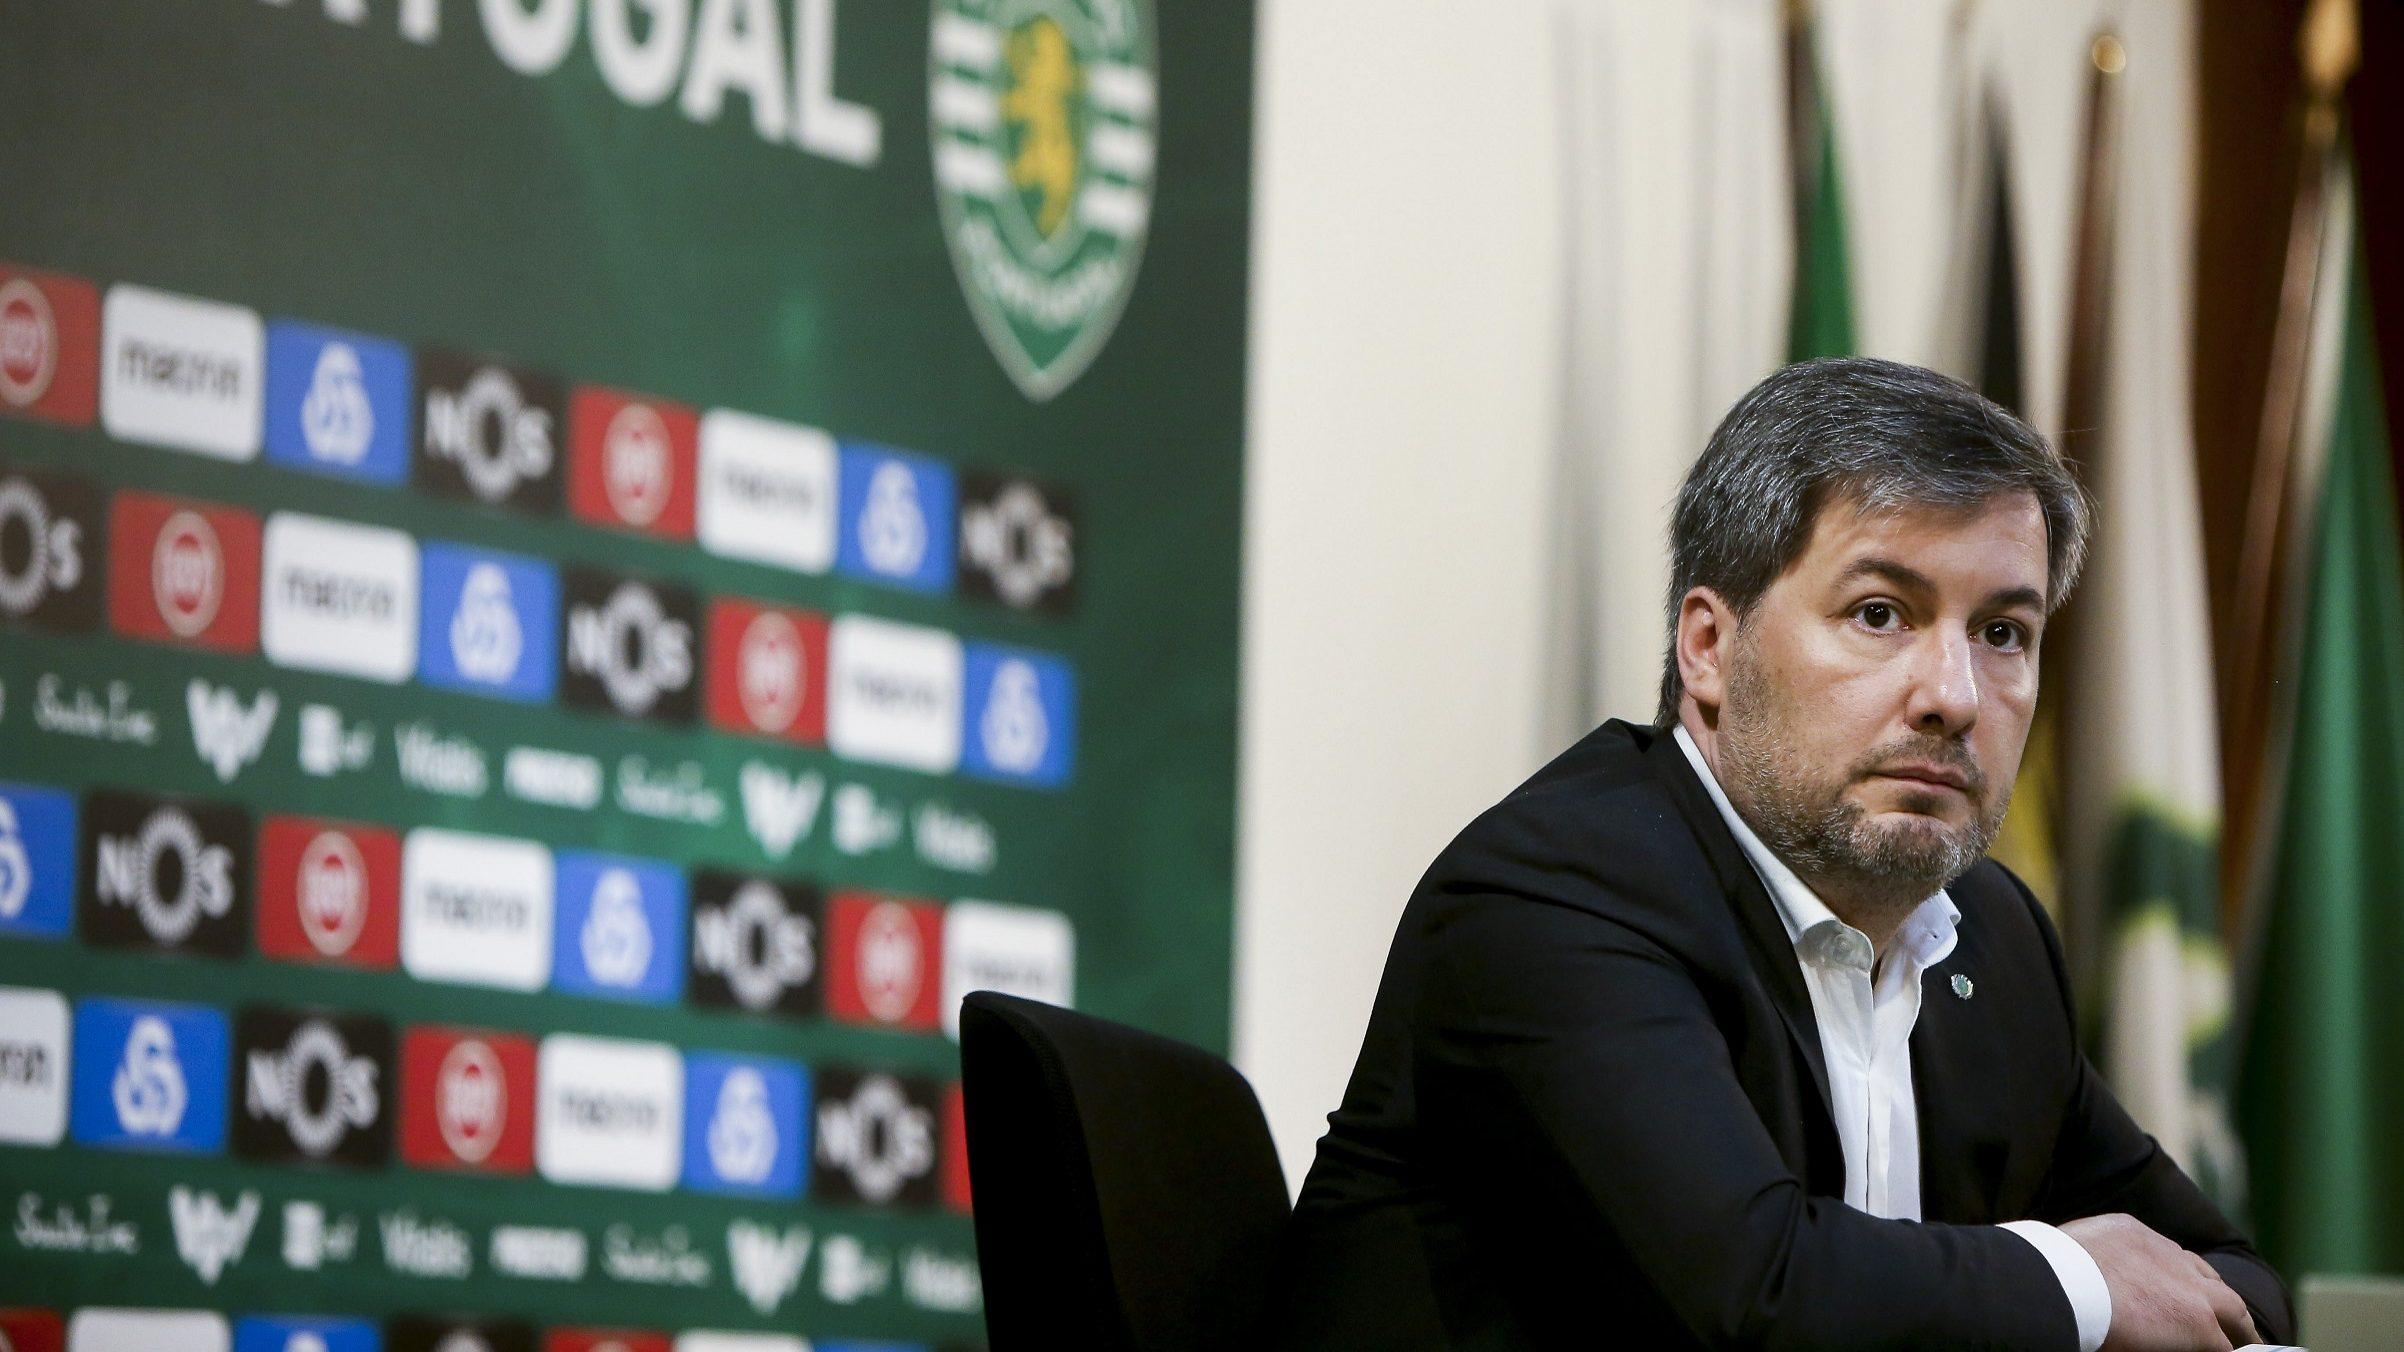 """Politico: Portugal """"não está imune"""" ao populismo. A prova disso é… Bruno de Carvalho"""